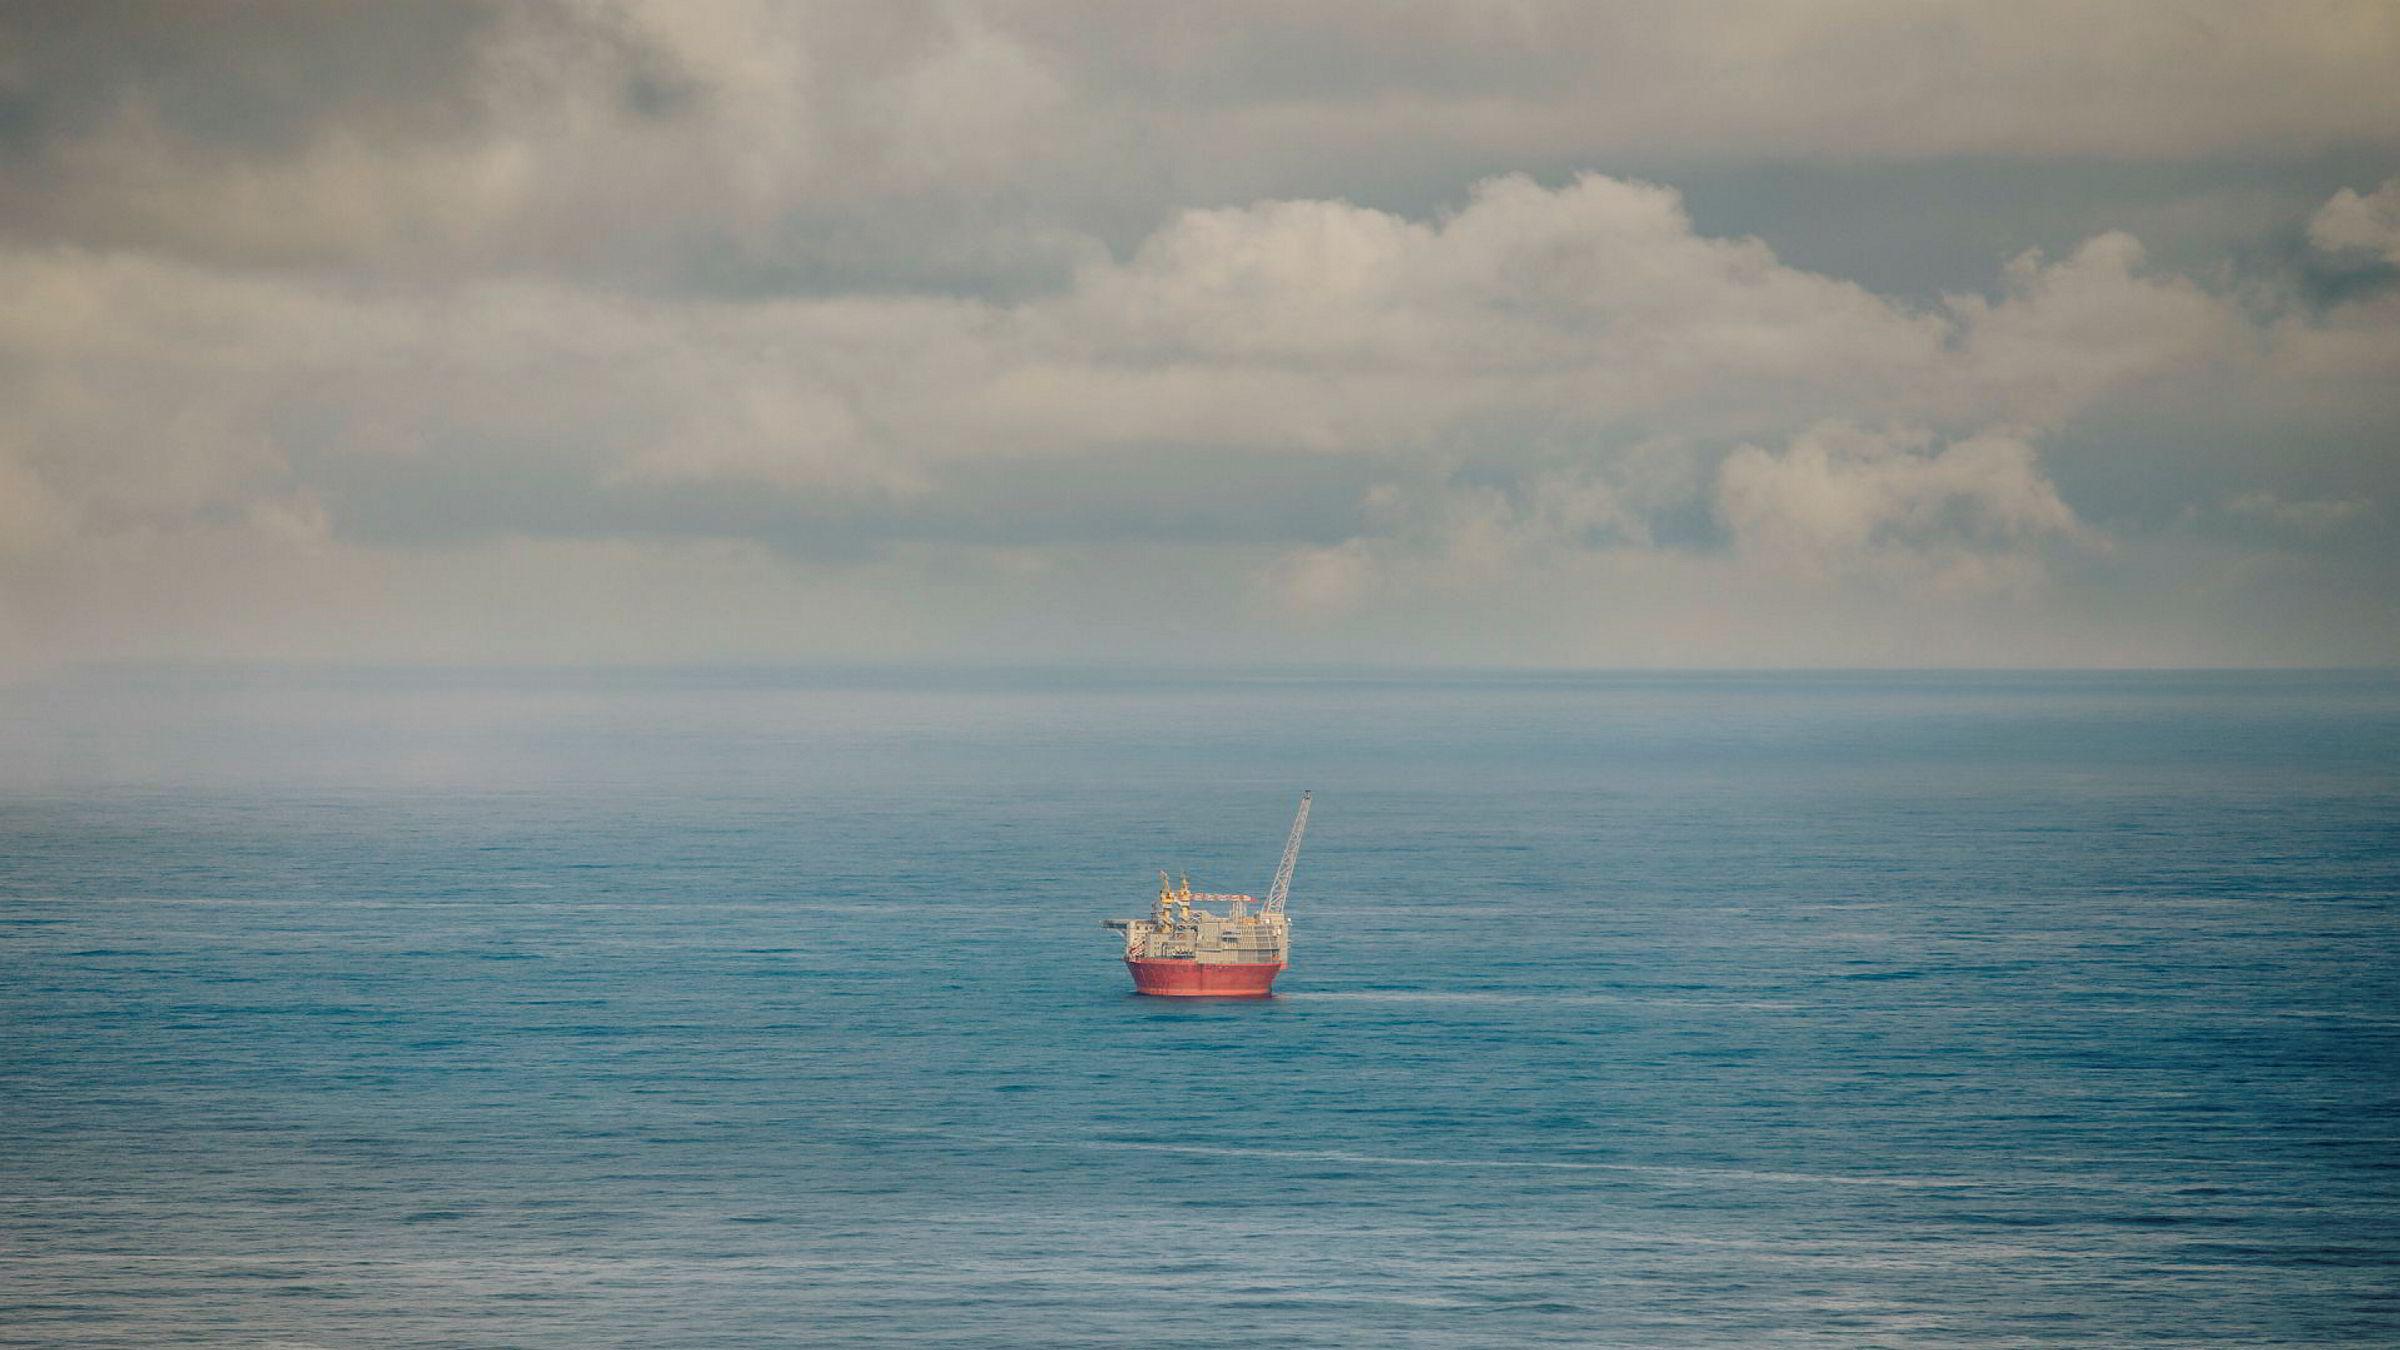 Iskanten vil trekke nordover med isens generelle tilbaketrekning når forvaltningsplanen jevnlig oppdateres med tiden og isens gang, skriver Tor Eldevik i innlegget. Her fra Goliat-feltet i Barentshavet.